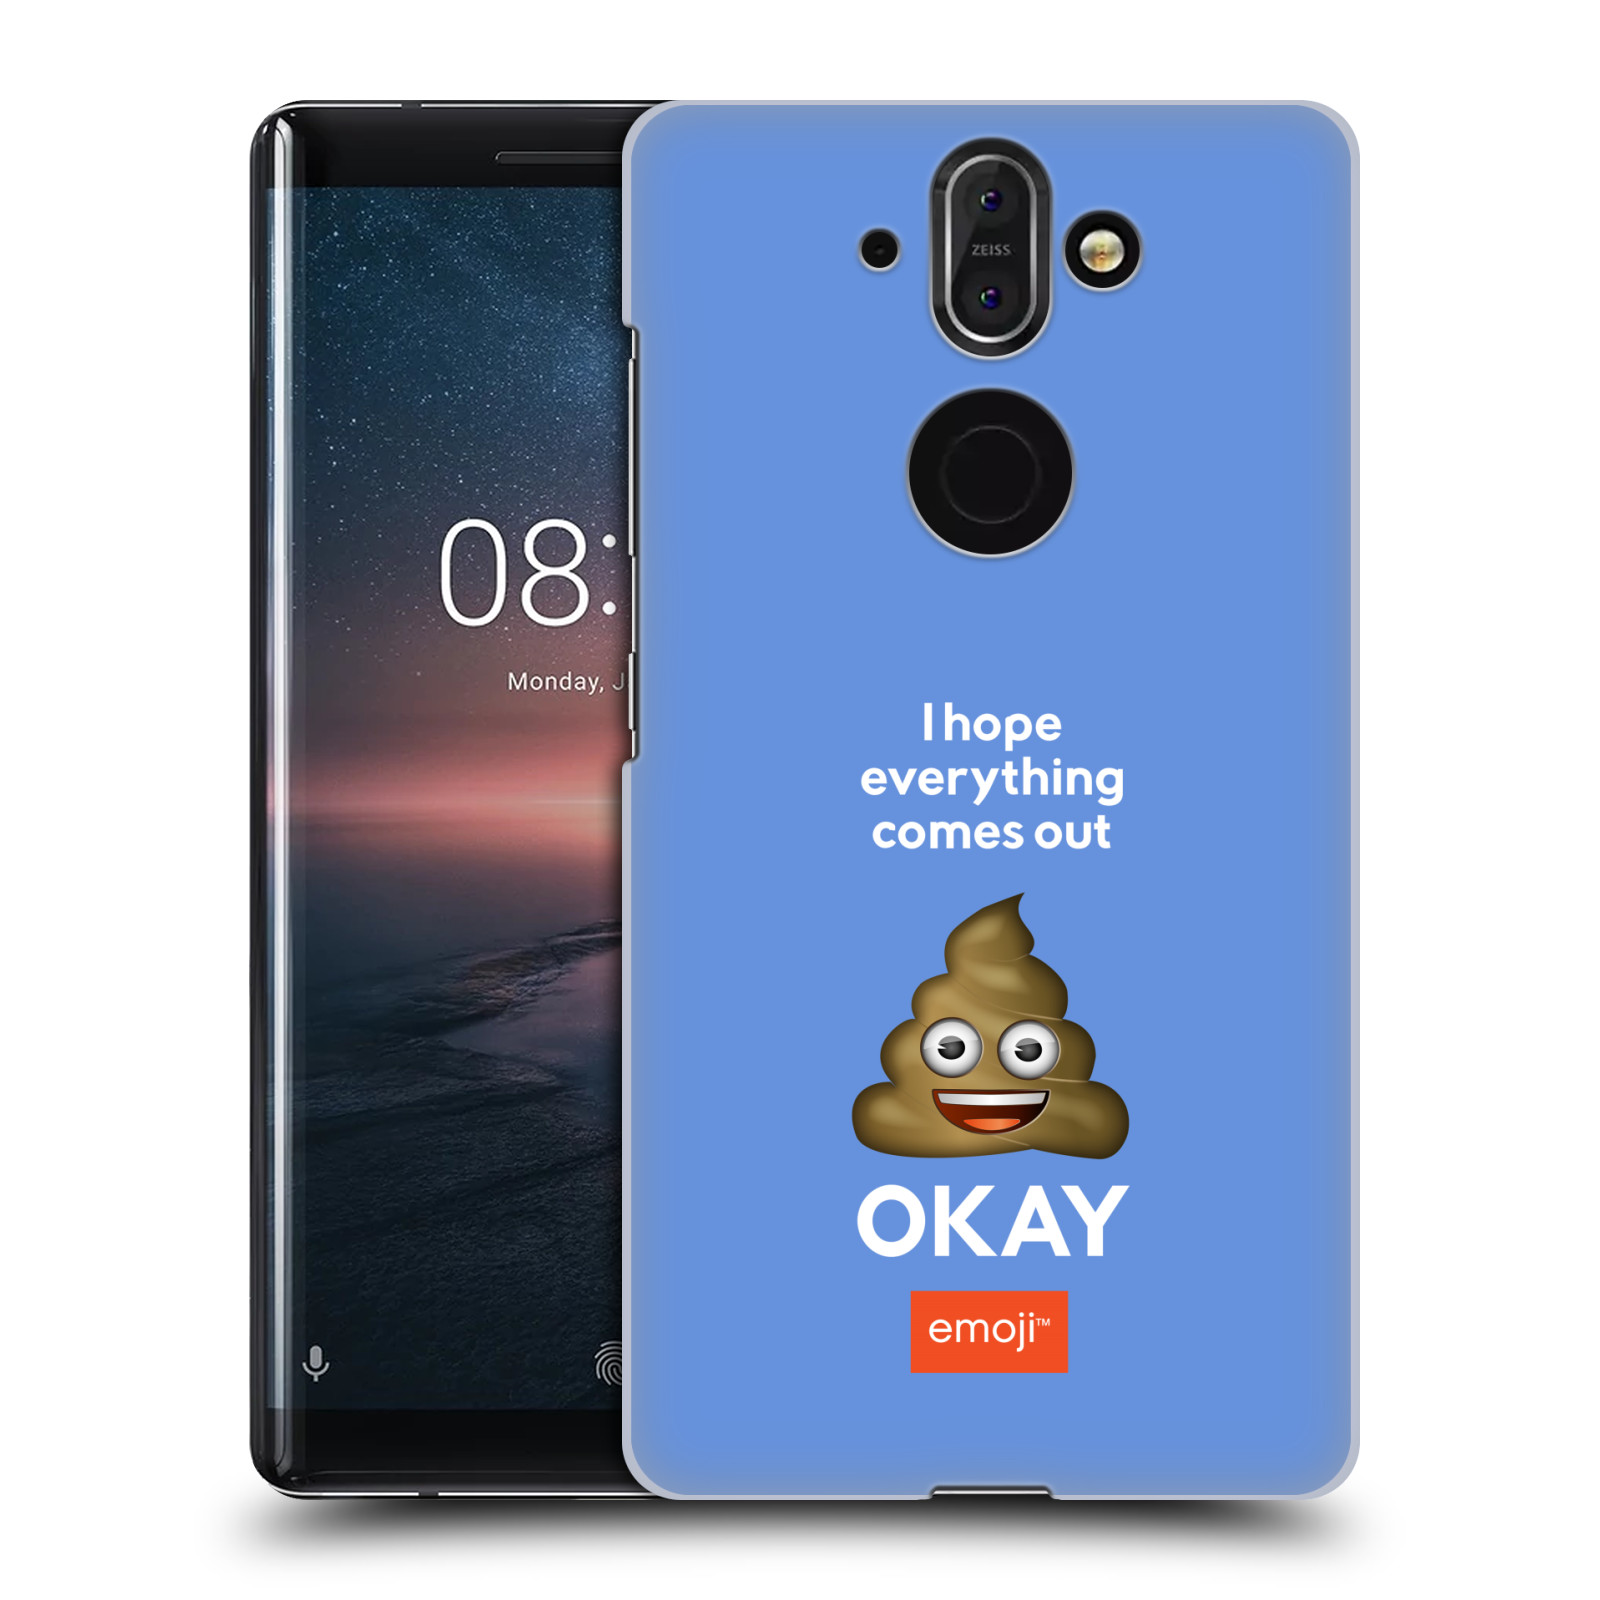 Plastové pouzdro na mobil Nokia 8 Sirocco - Head Case - EMOJI - Hovínko OKAY